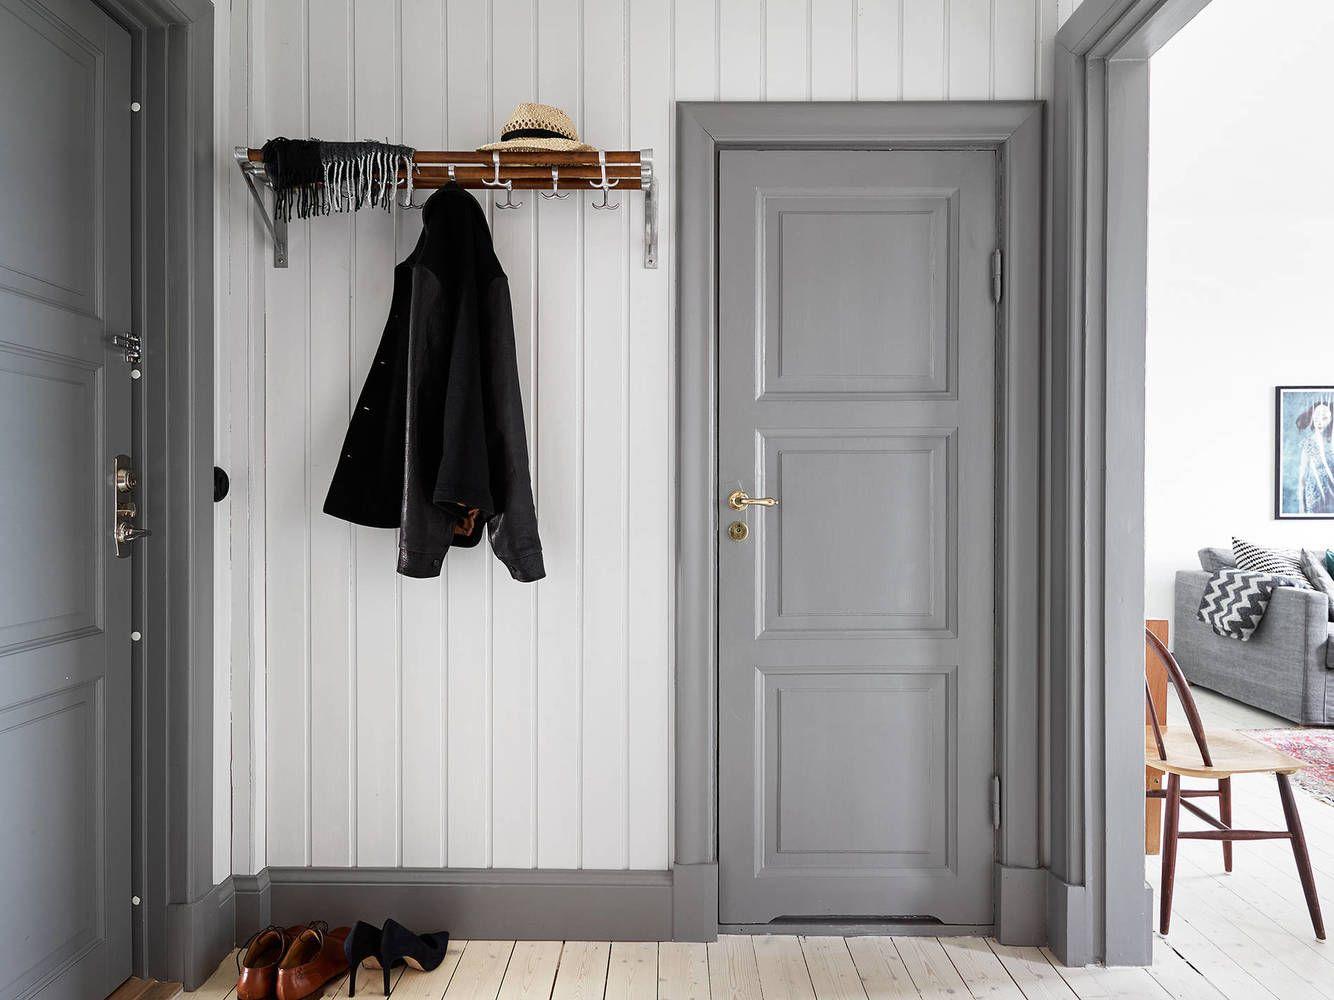 Прихожая фото дизайна интерьеров и декора | Фотографии ...